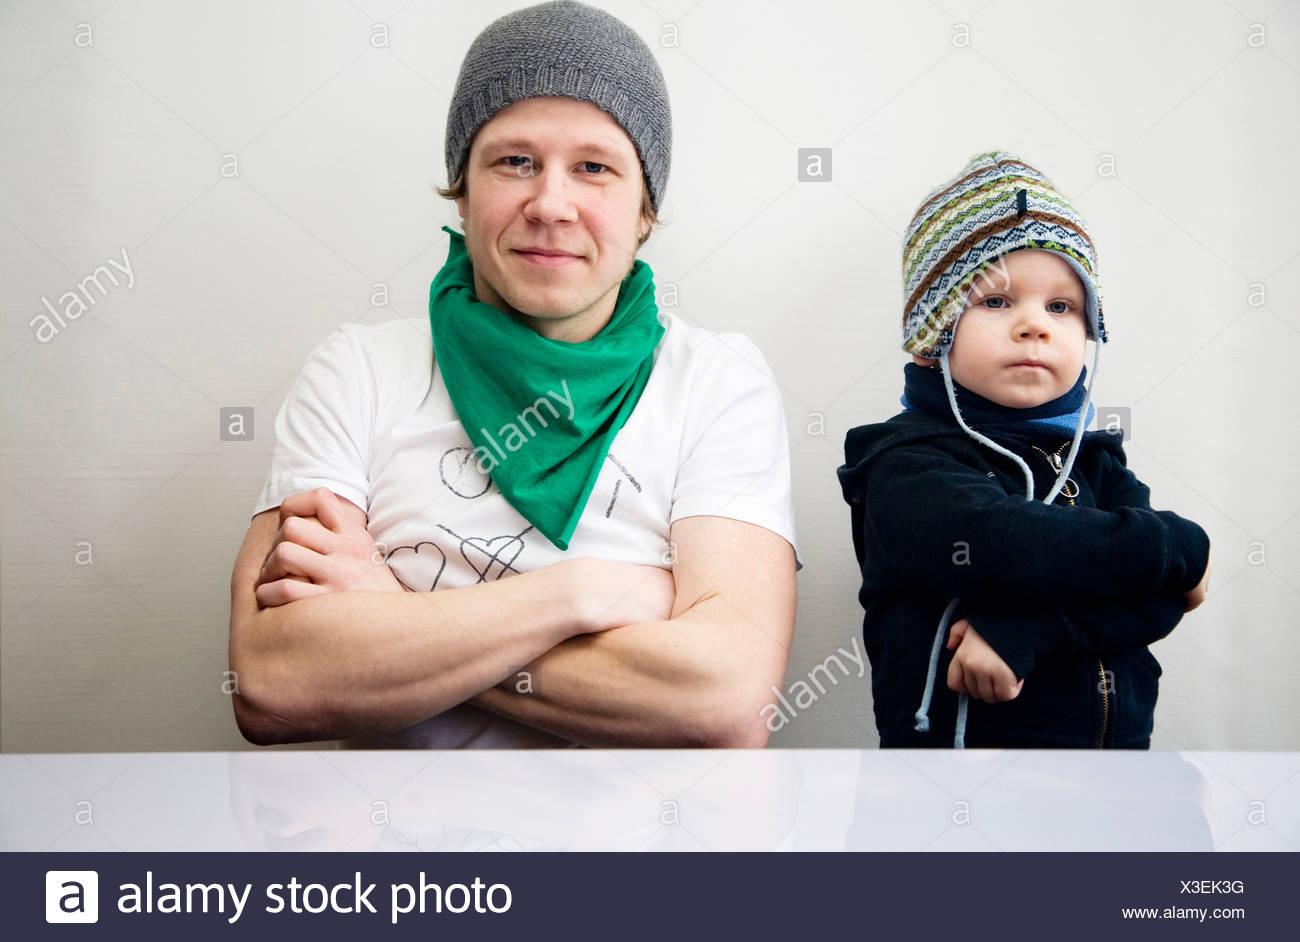 Vater und Sohn mit verschränkten Armen sitzt an einem Tisch, Deutschland Stockbild